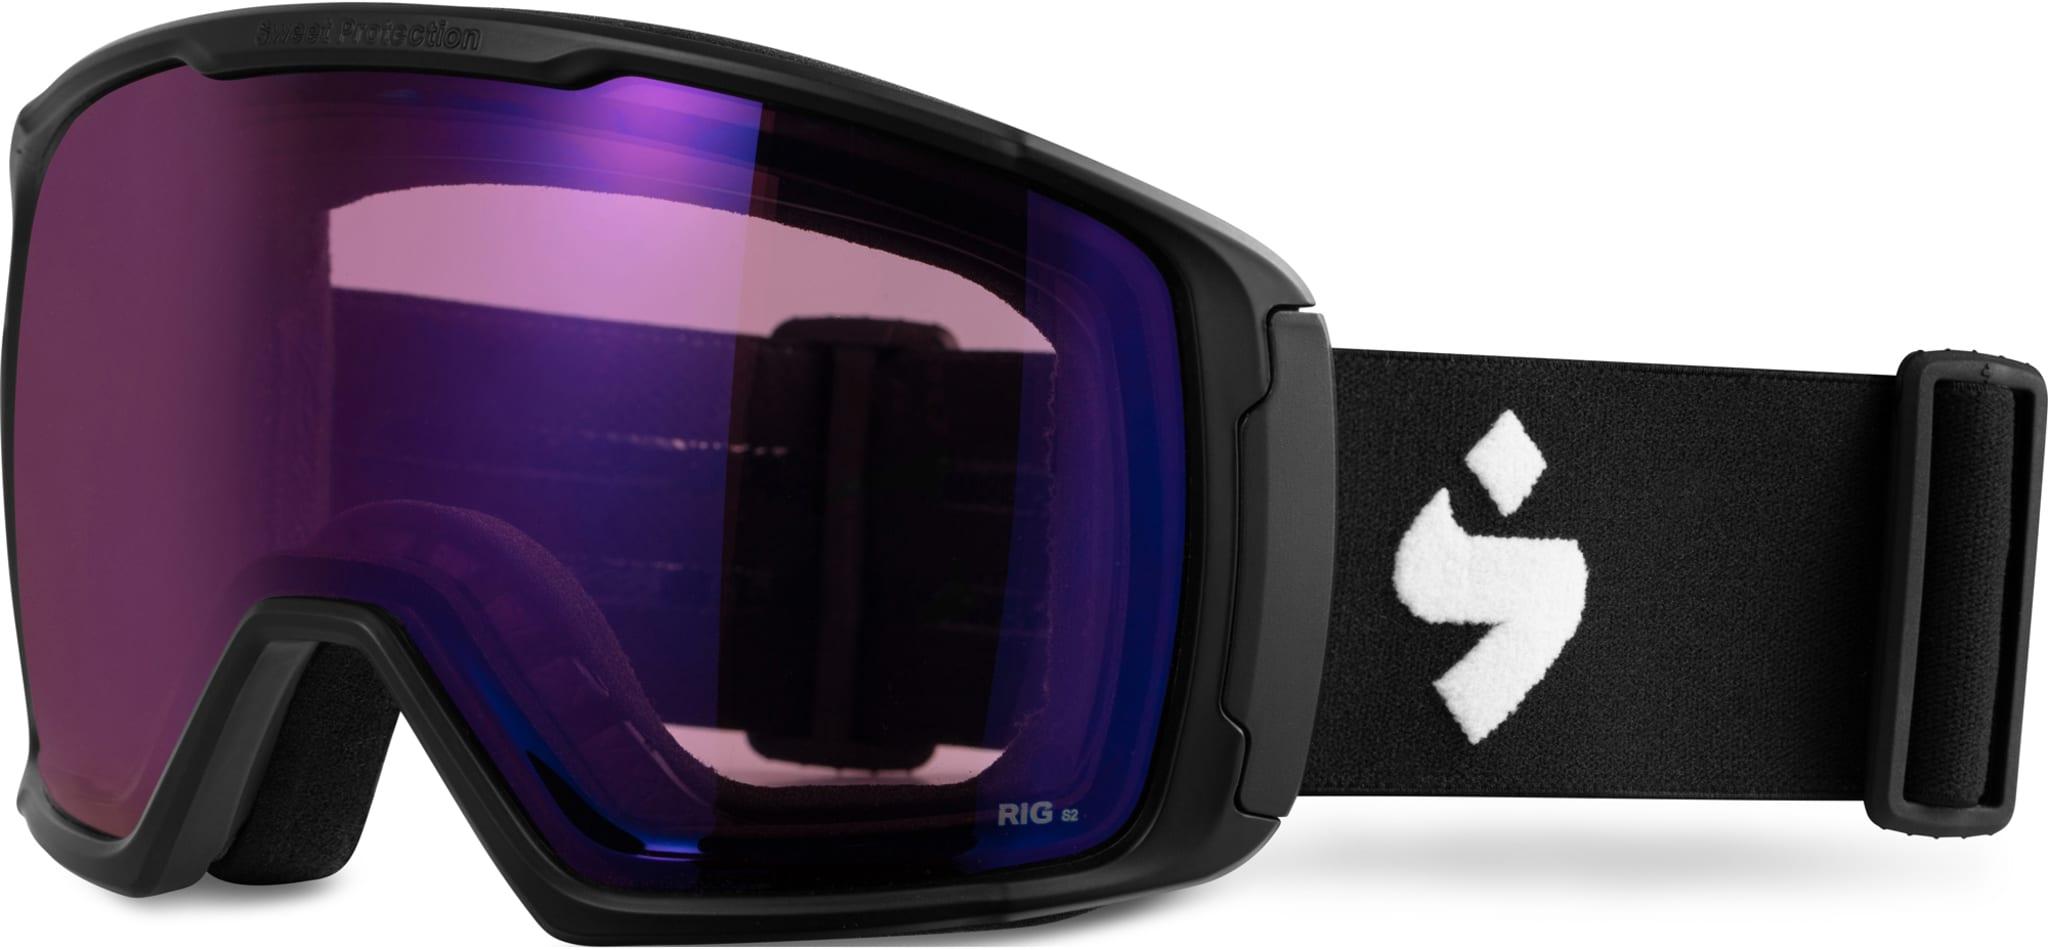 Kompakt og tettsittende brille med RIG glass